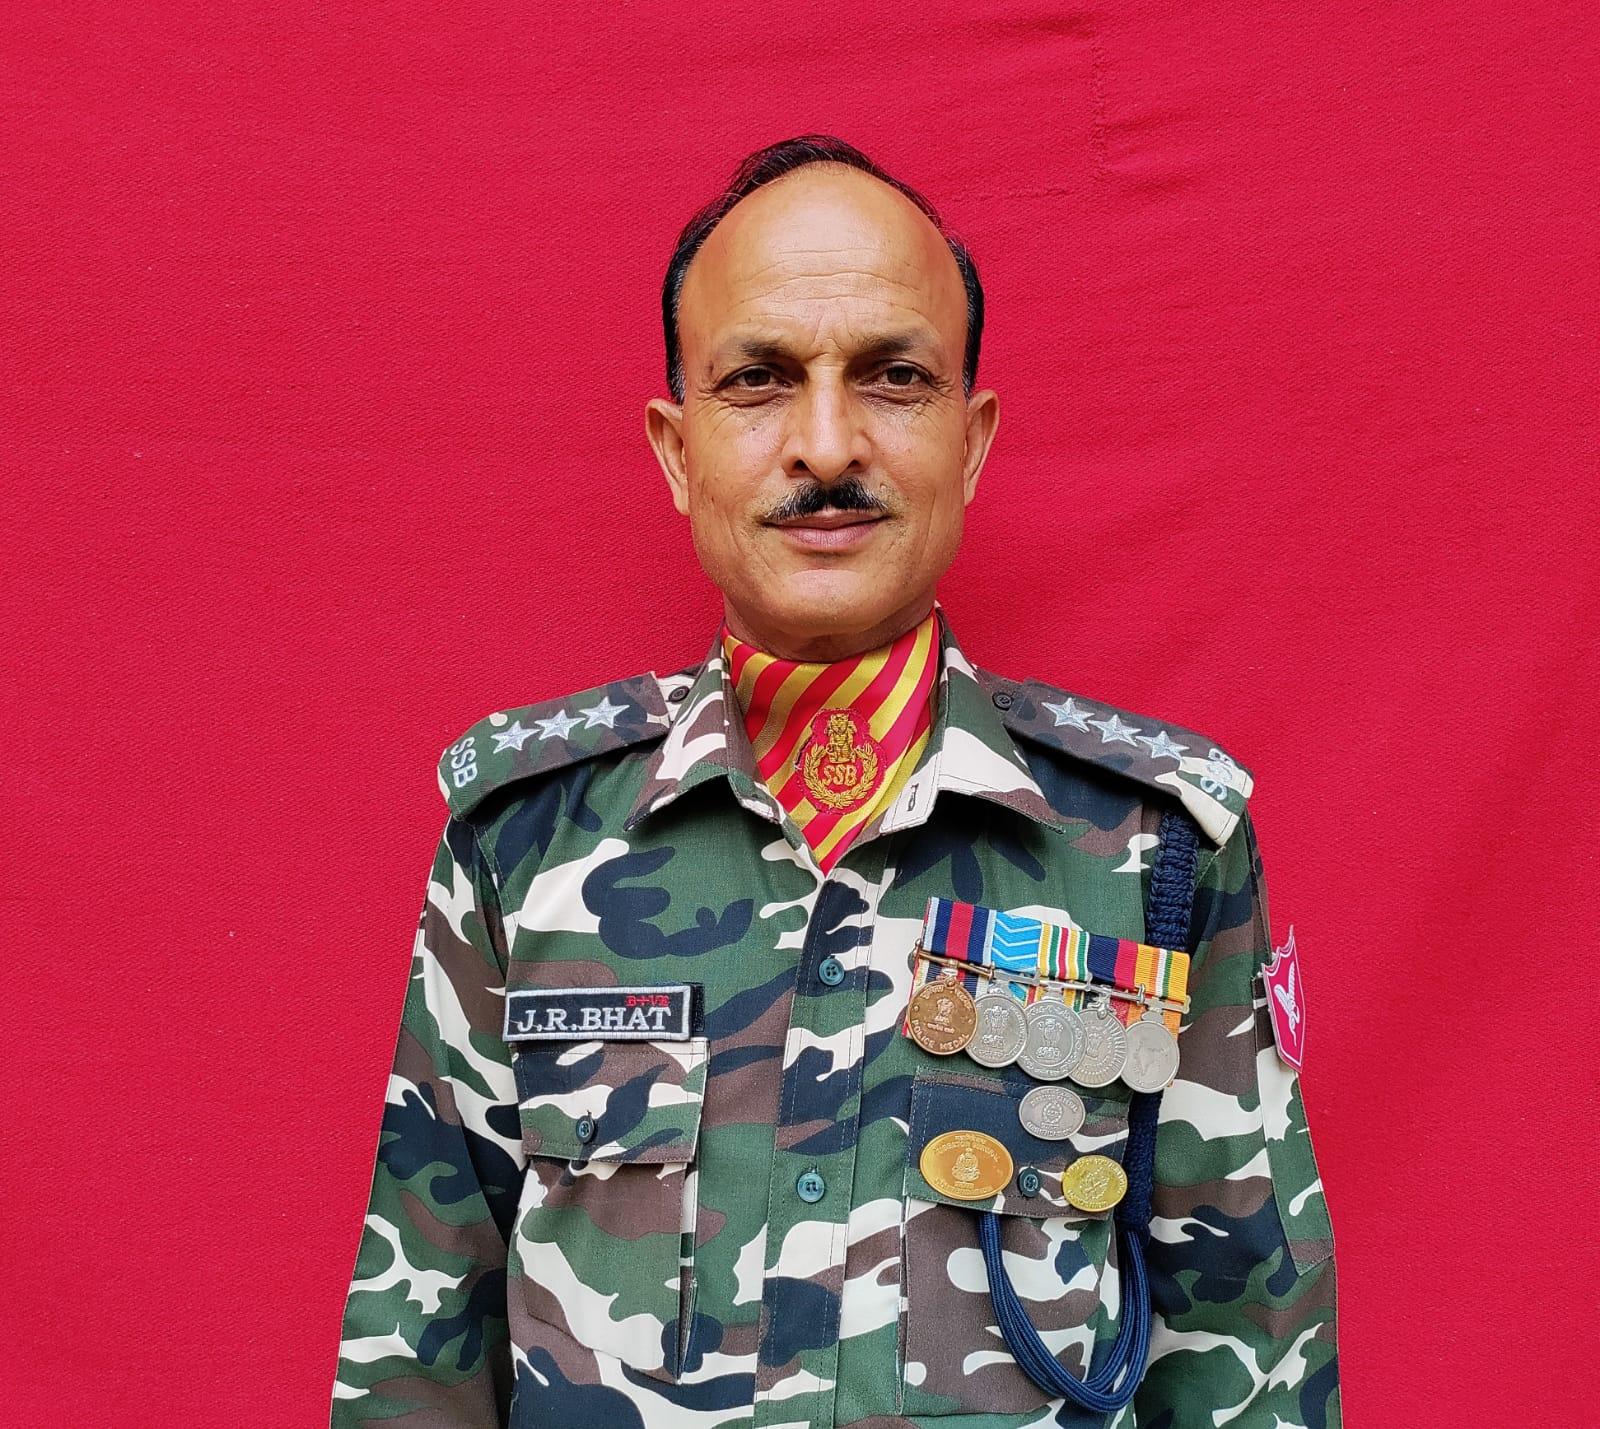 घुमारवी के सैनिक जगदीश कुमार को मिलेगा पुलिस मैडल फॉर गैलेंट्री आवार्ड, ईनामी खूंखार आतंकवादी को उतारा था मौत के घाट